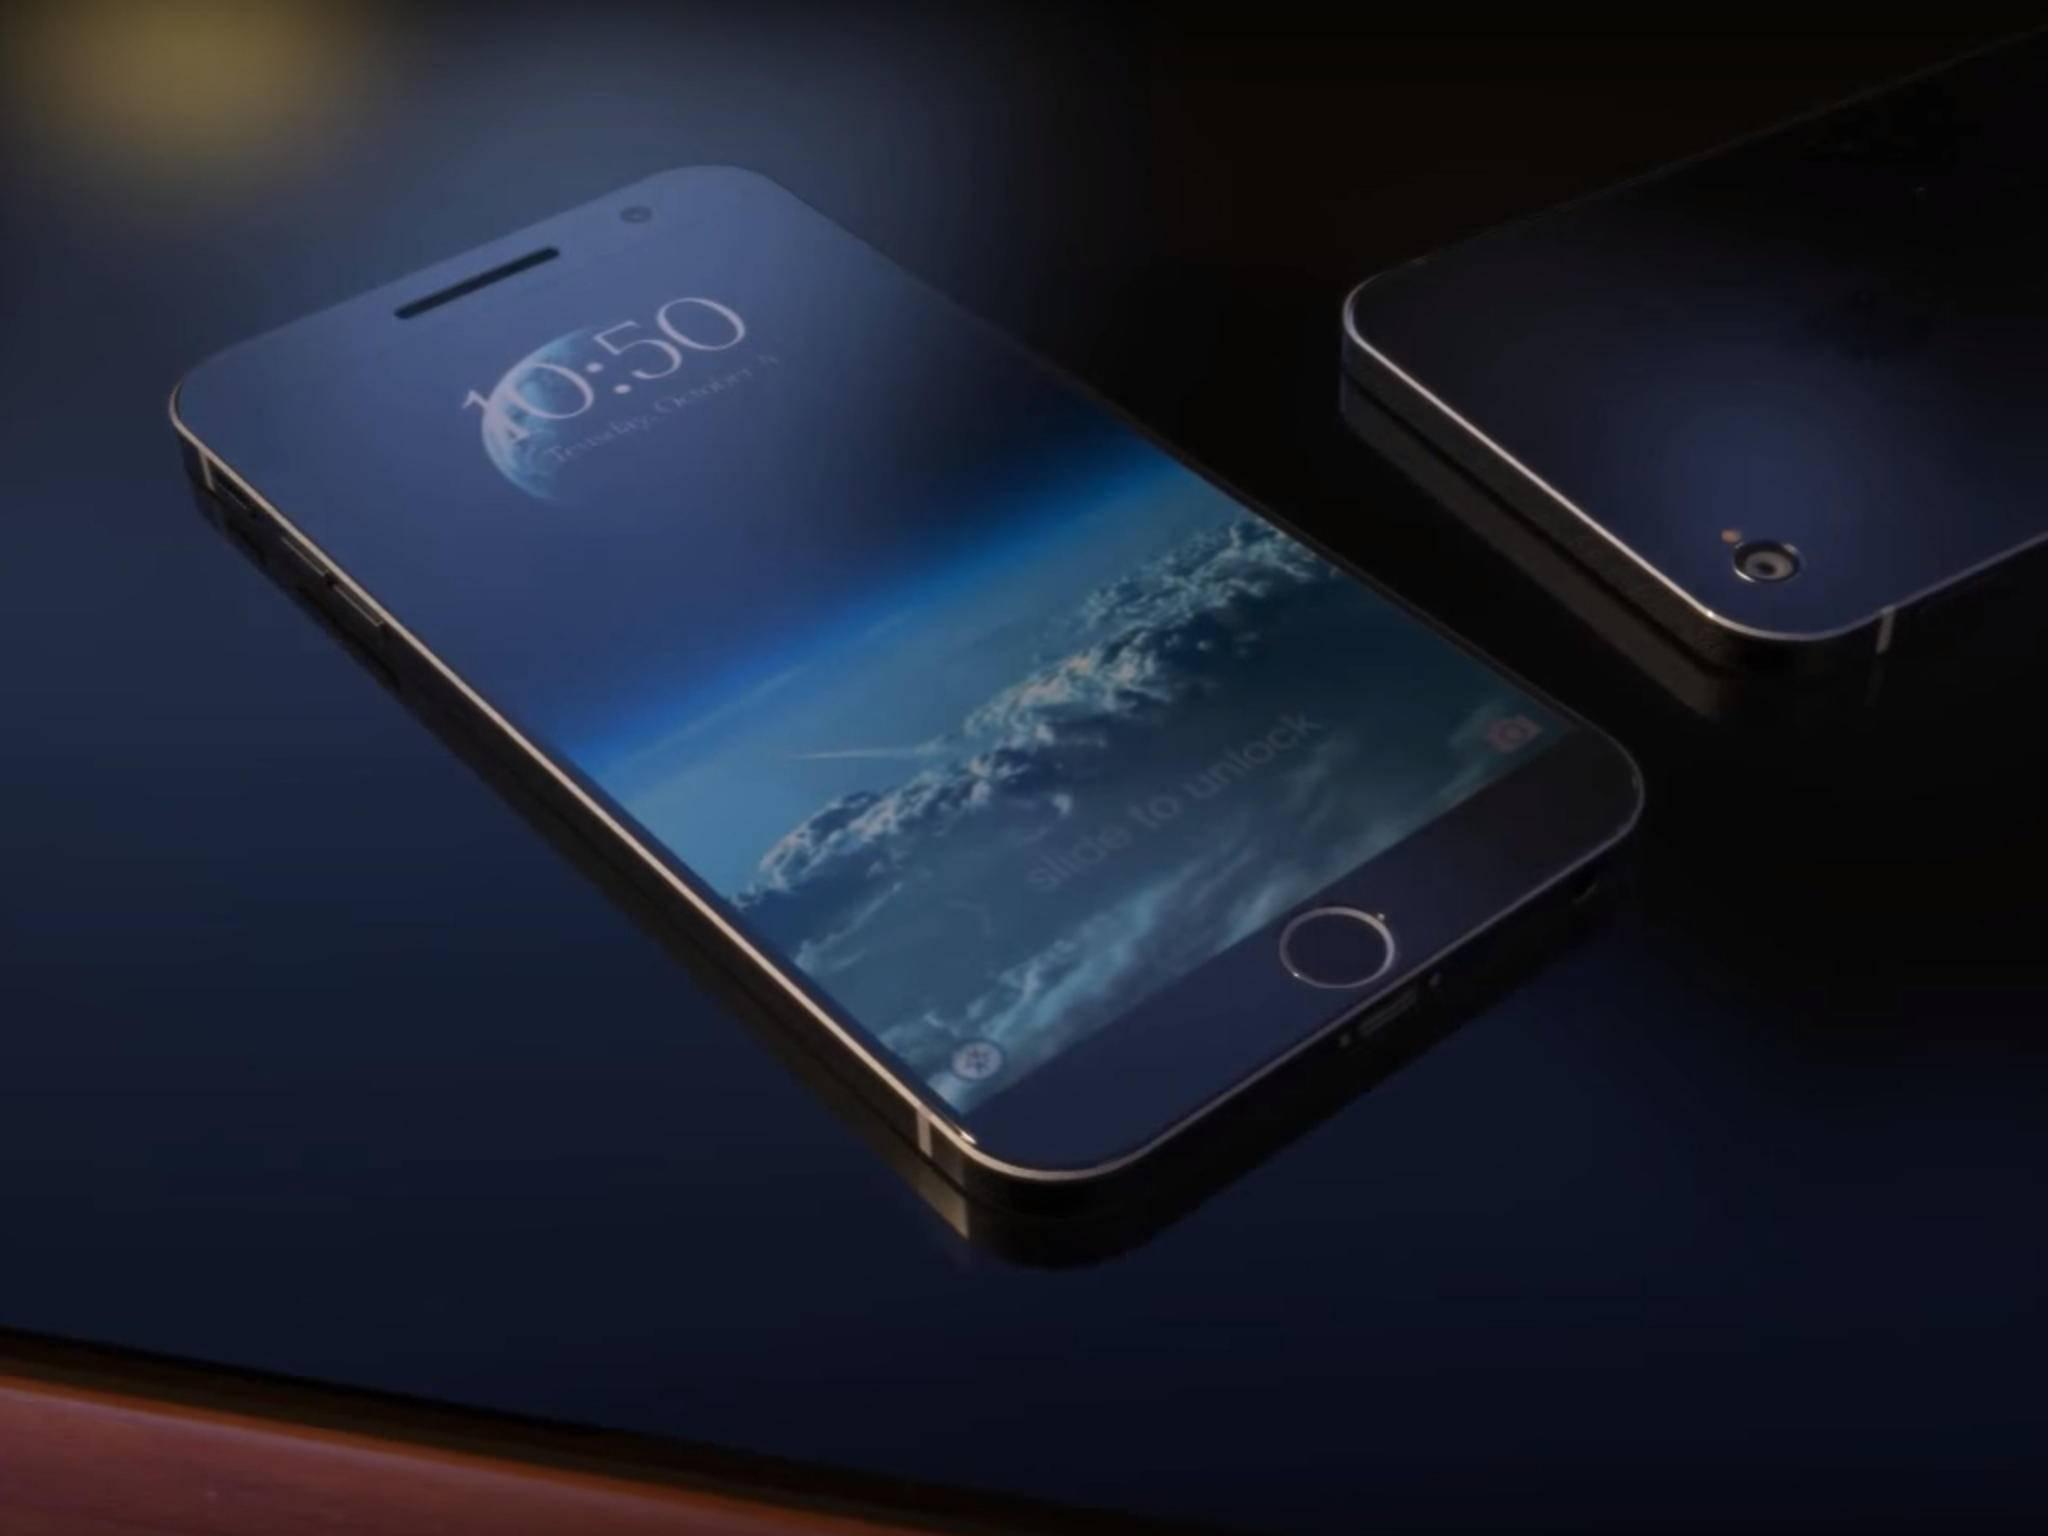 Das iPhone 7 soll auf den Klinkenausgang für Kopfhörer verzichten.